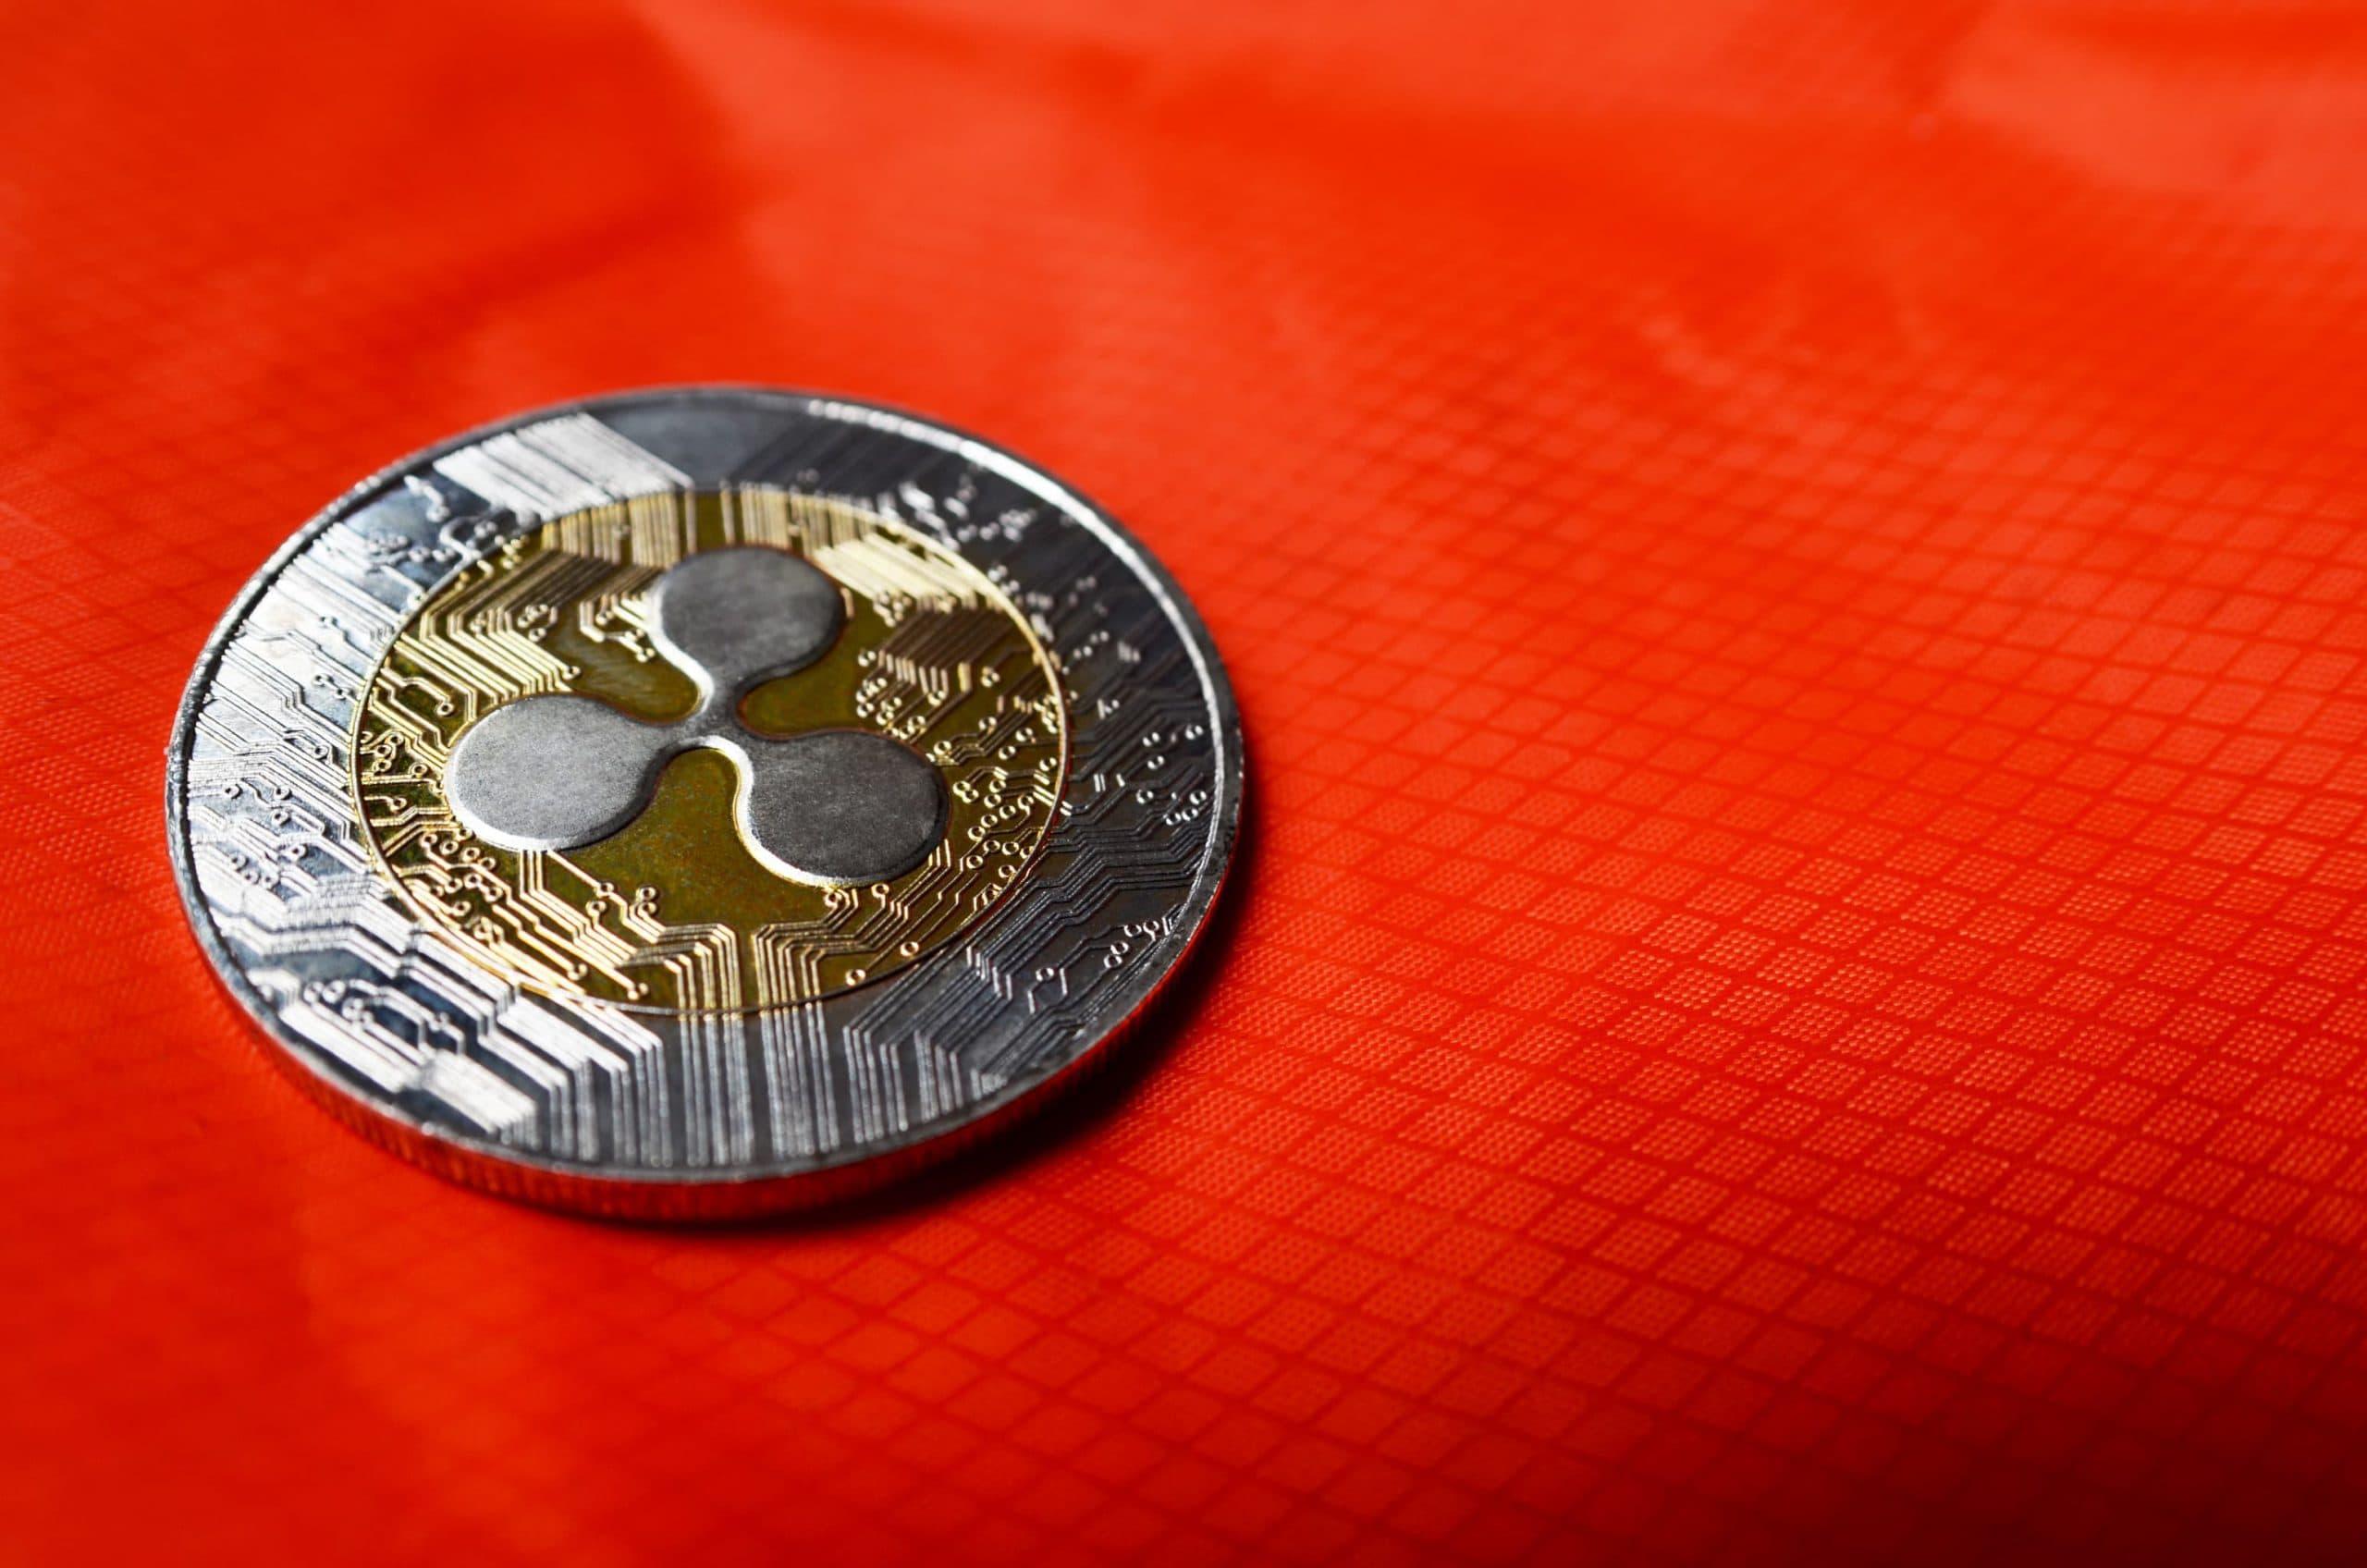 Ripple-Münze auf rotem Untergrund